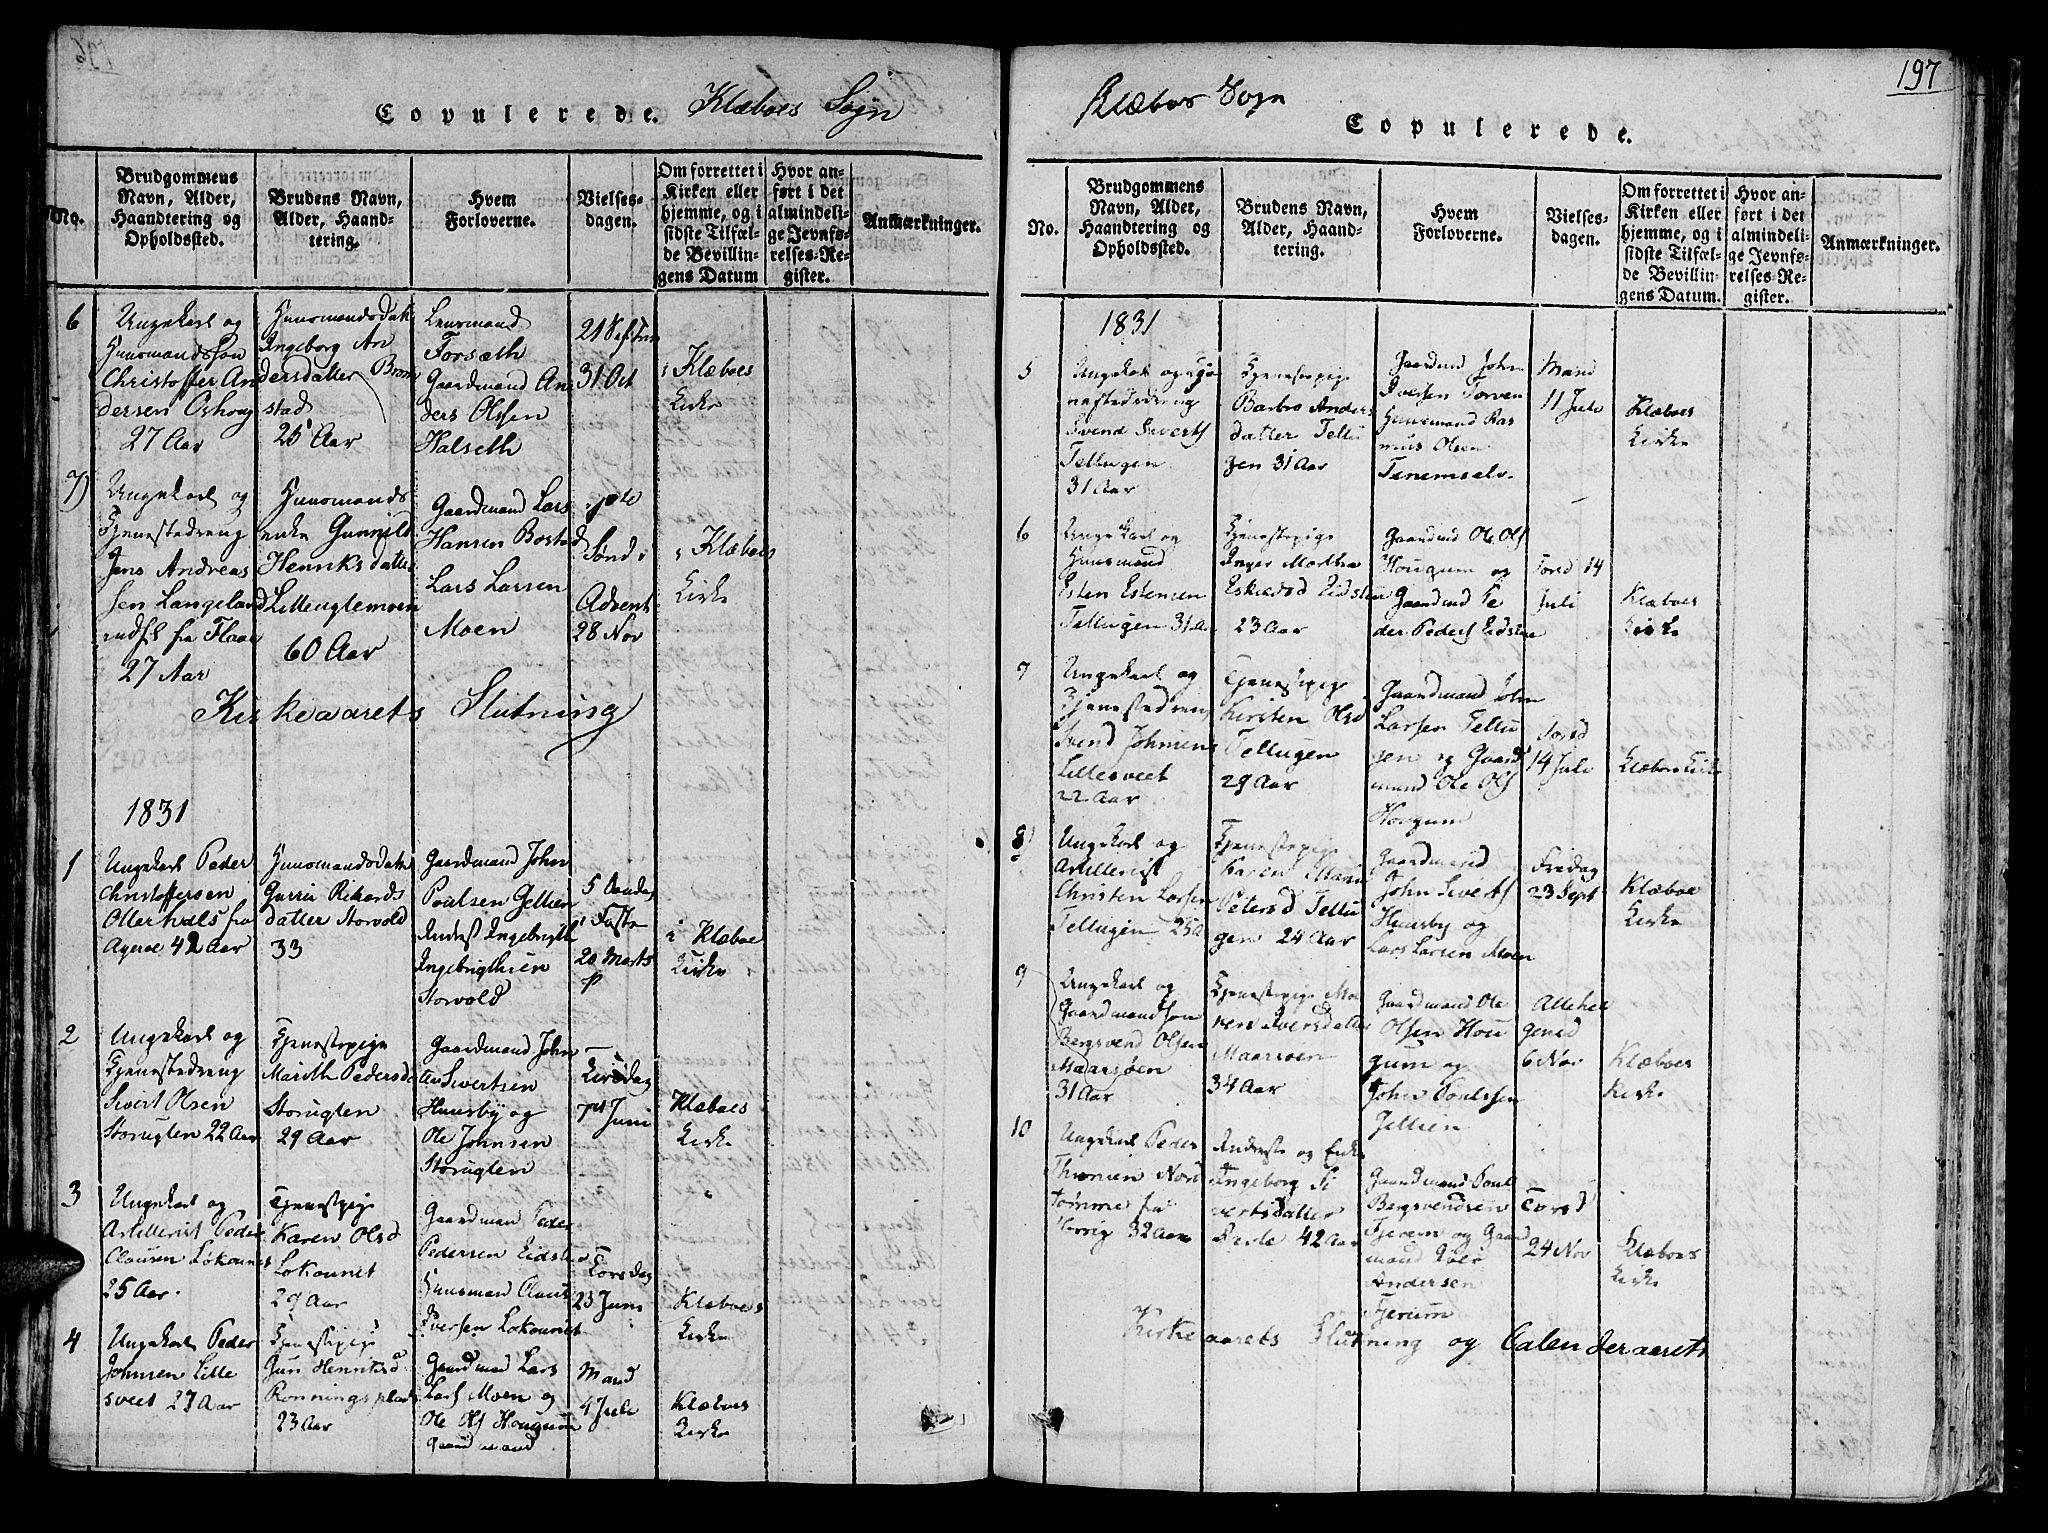 SAT, Ministerialprotokoller, klokkerbøker og fødselsregistre - Sør-Trøndelag, 618/L0439: Ministerialbok nr. 618A04 /1, 1816-1843, s. 197